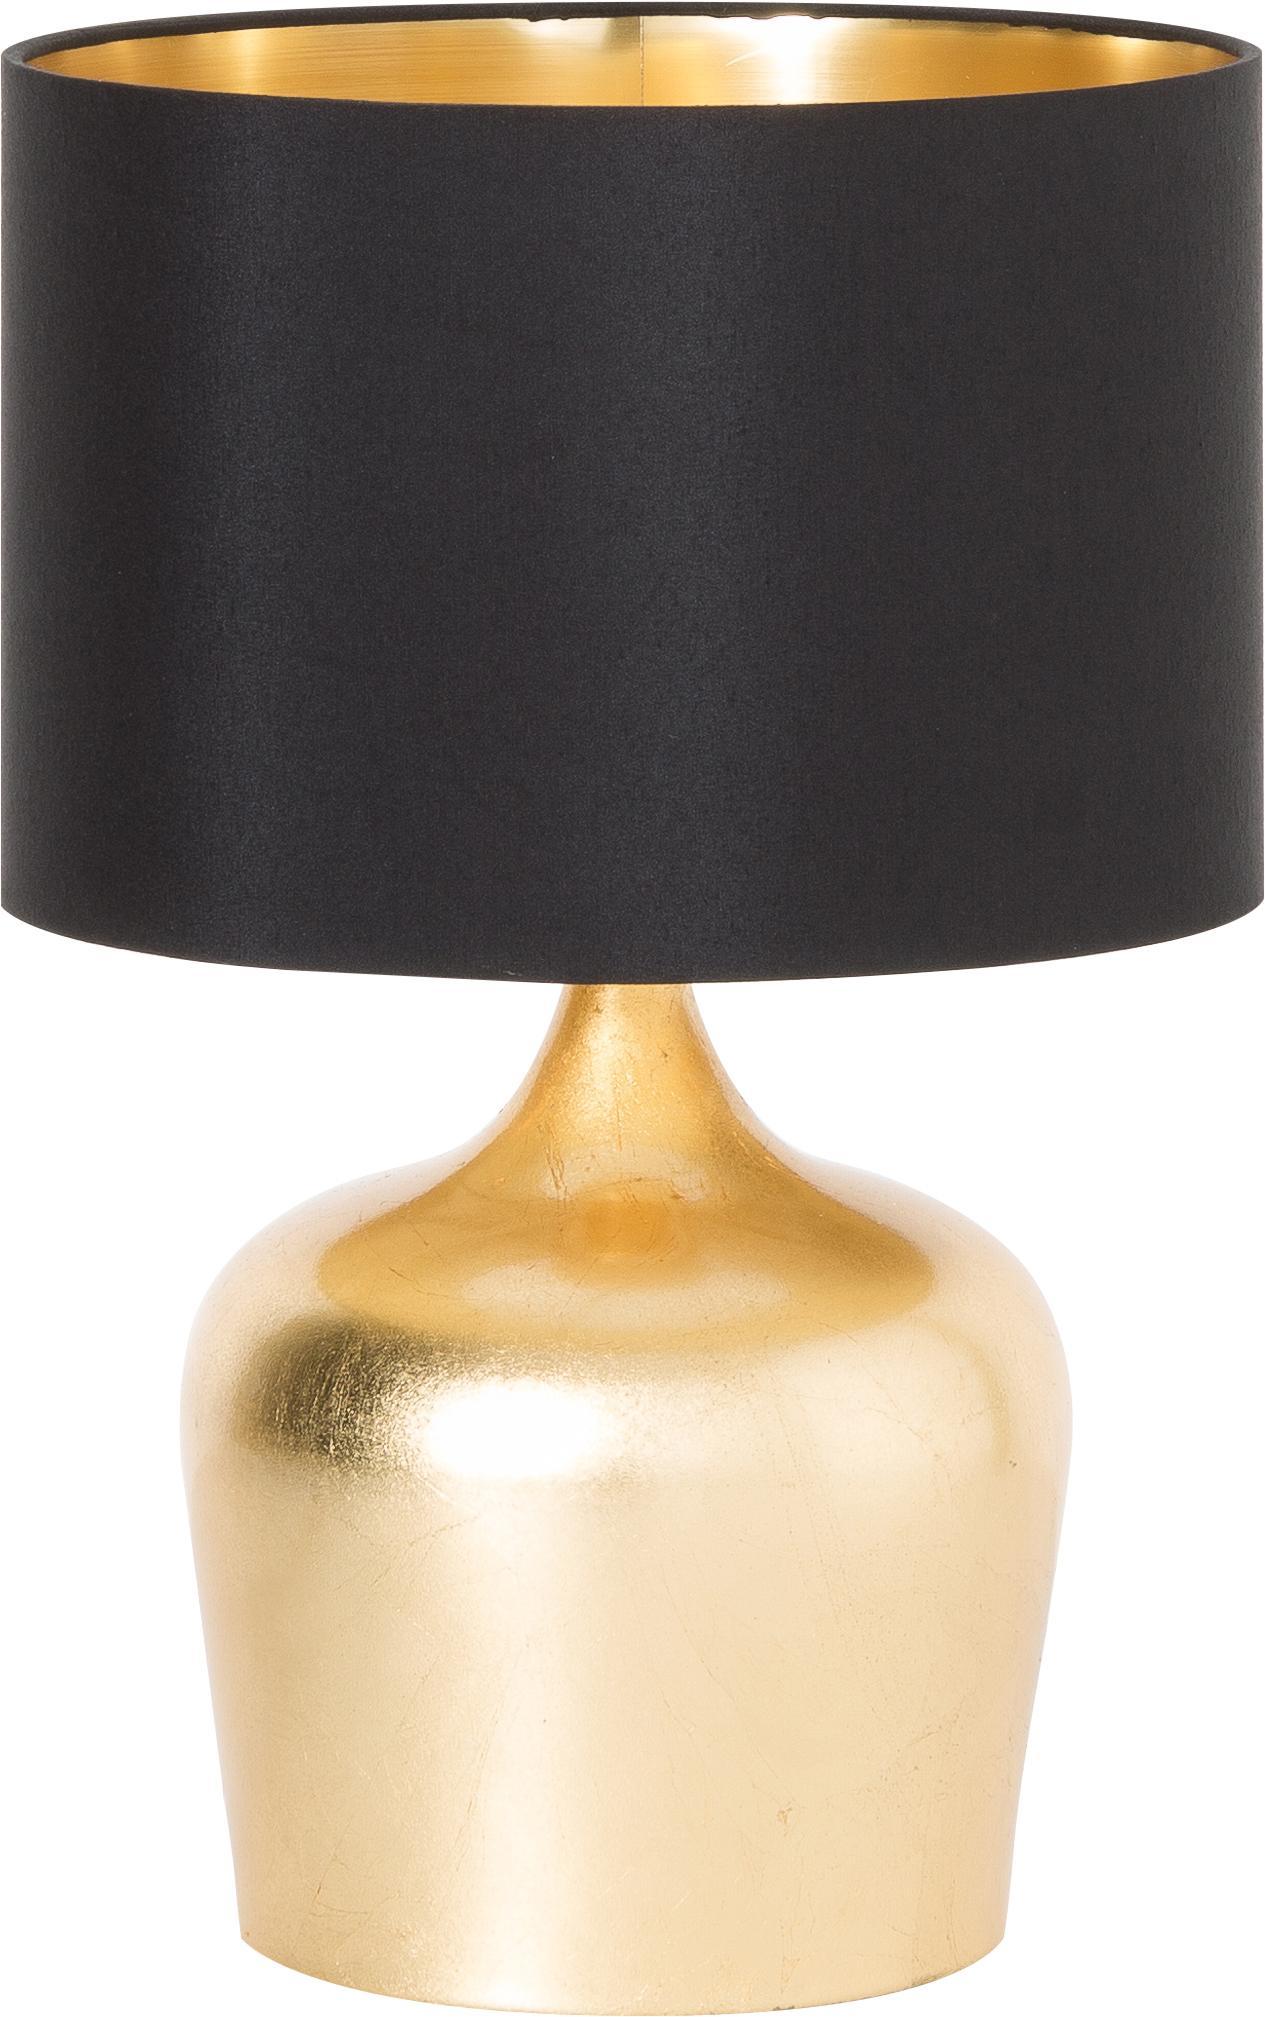 Ethno-Tischlampe Manalba, Lampenschirm: Polyester, Kunststoff, Schwarz, Goldfarben, Ø 25 x H 38 cm